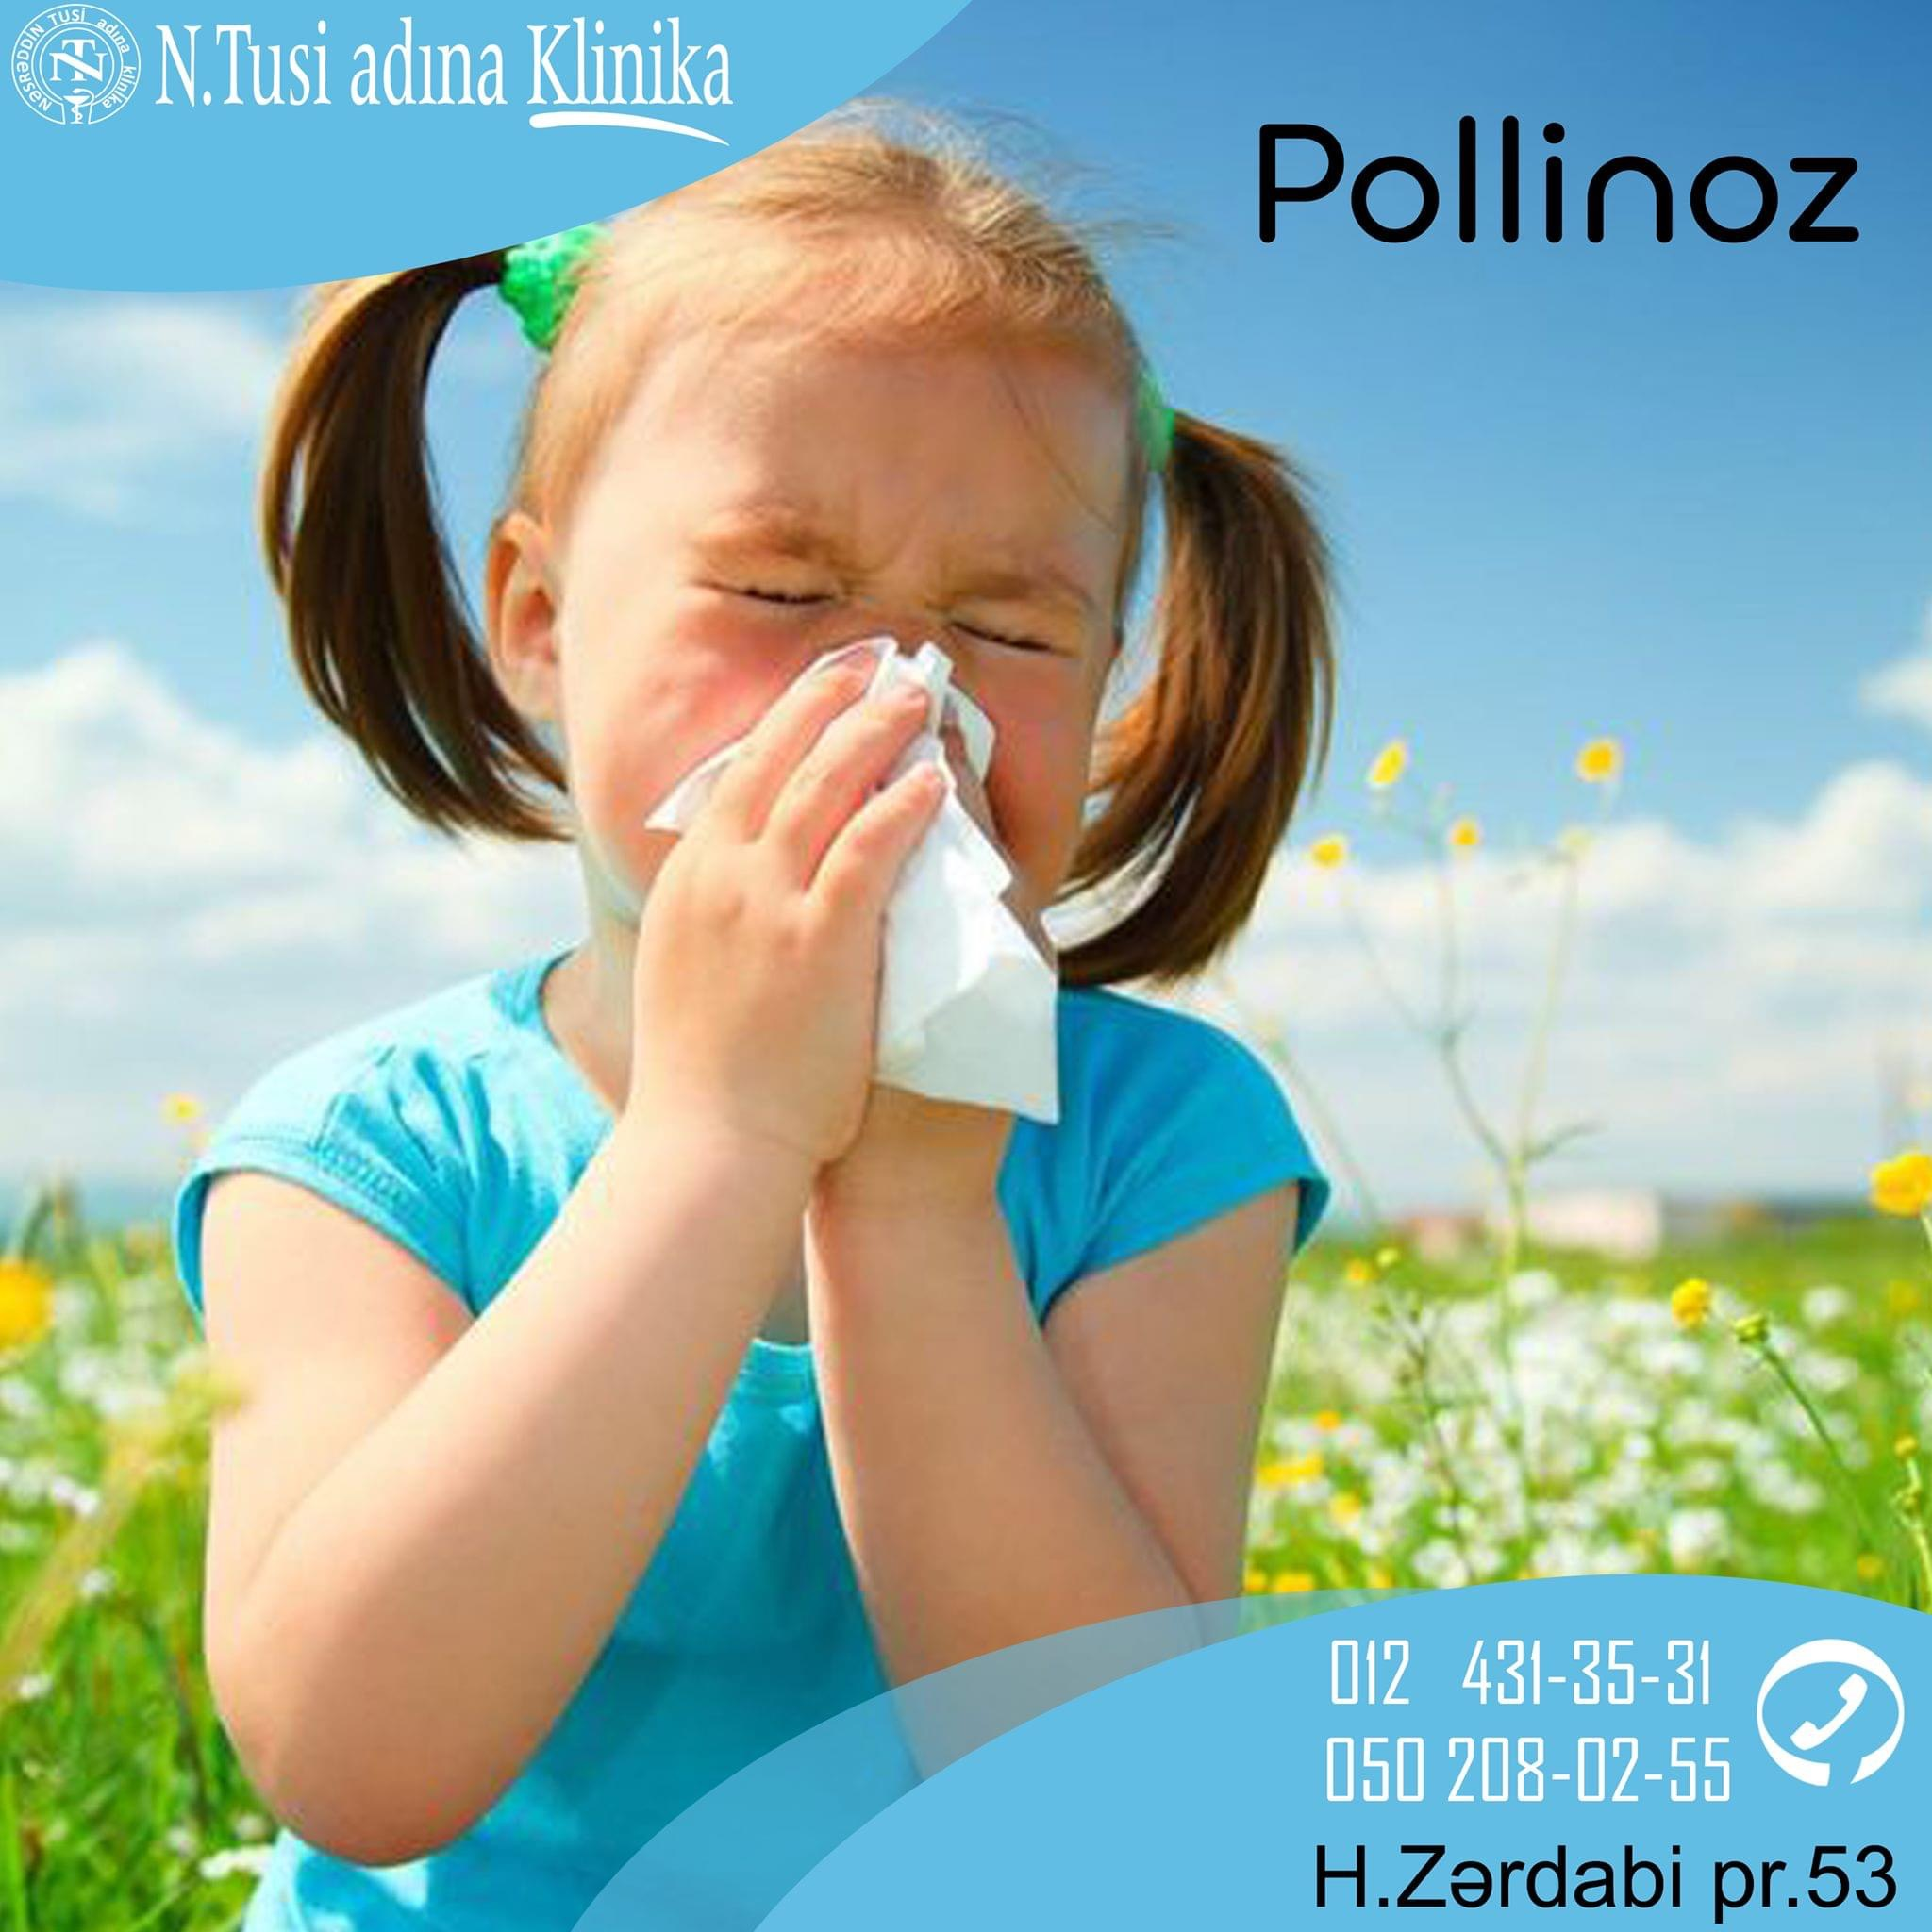 Pollinoz: əlamətləri və müalicəsi